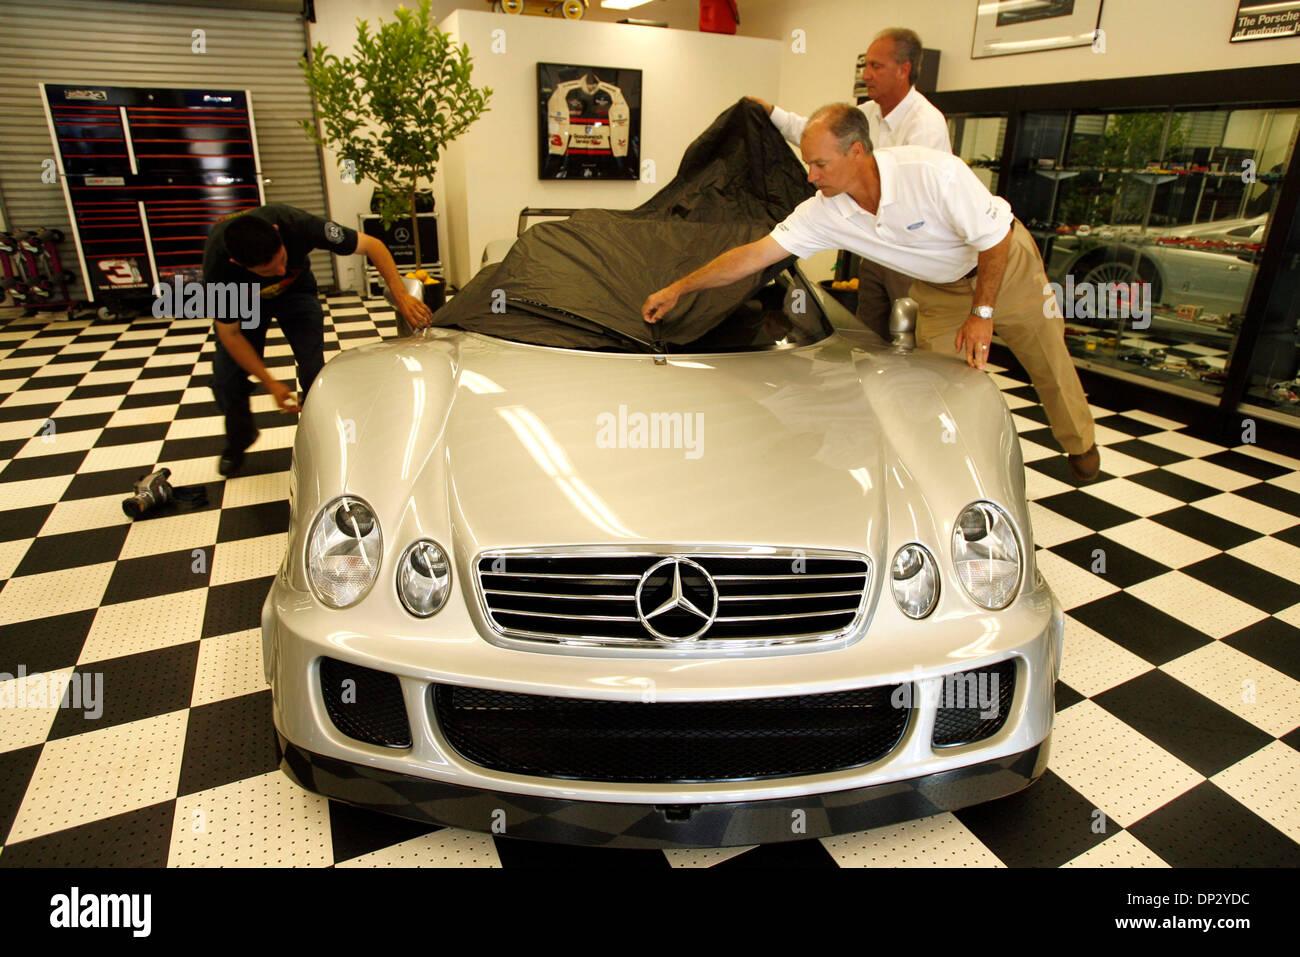 Jun 14 2006 Los Angeles Ca Usa Exotic Car Dealer Mark Johnston